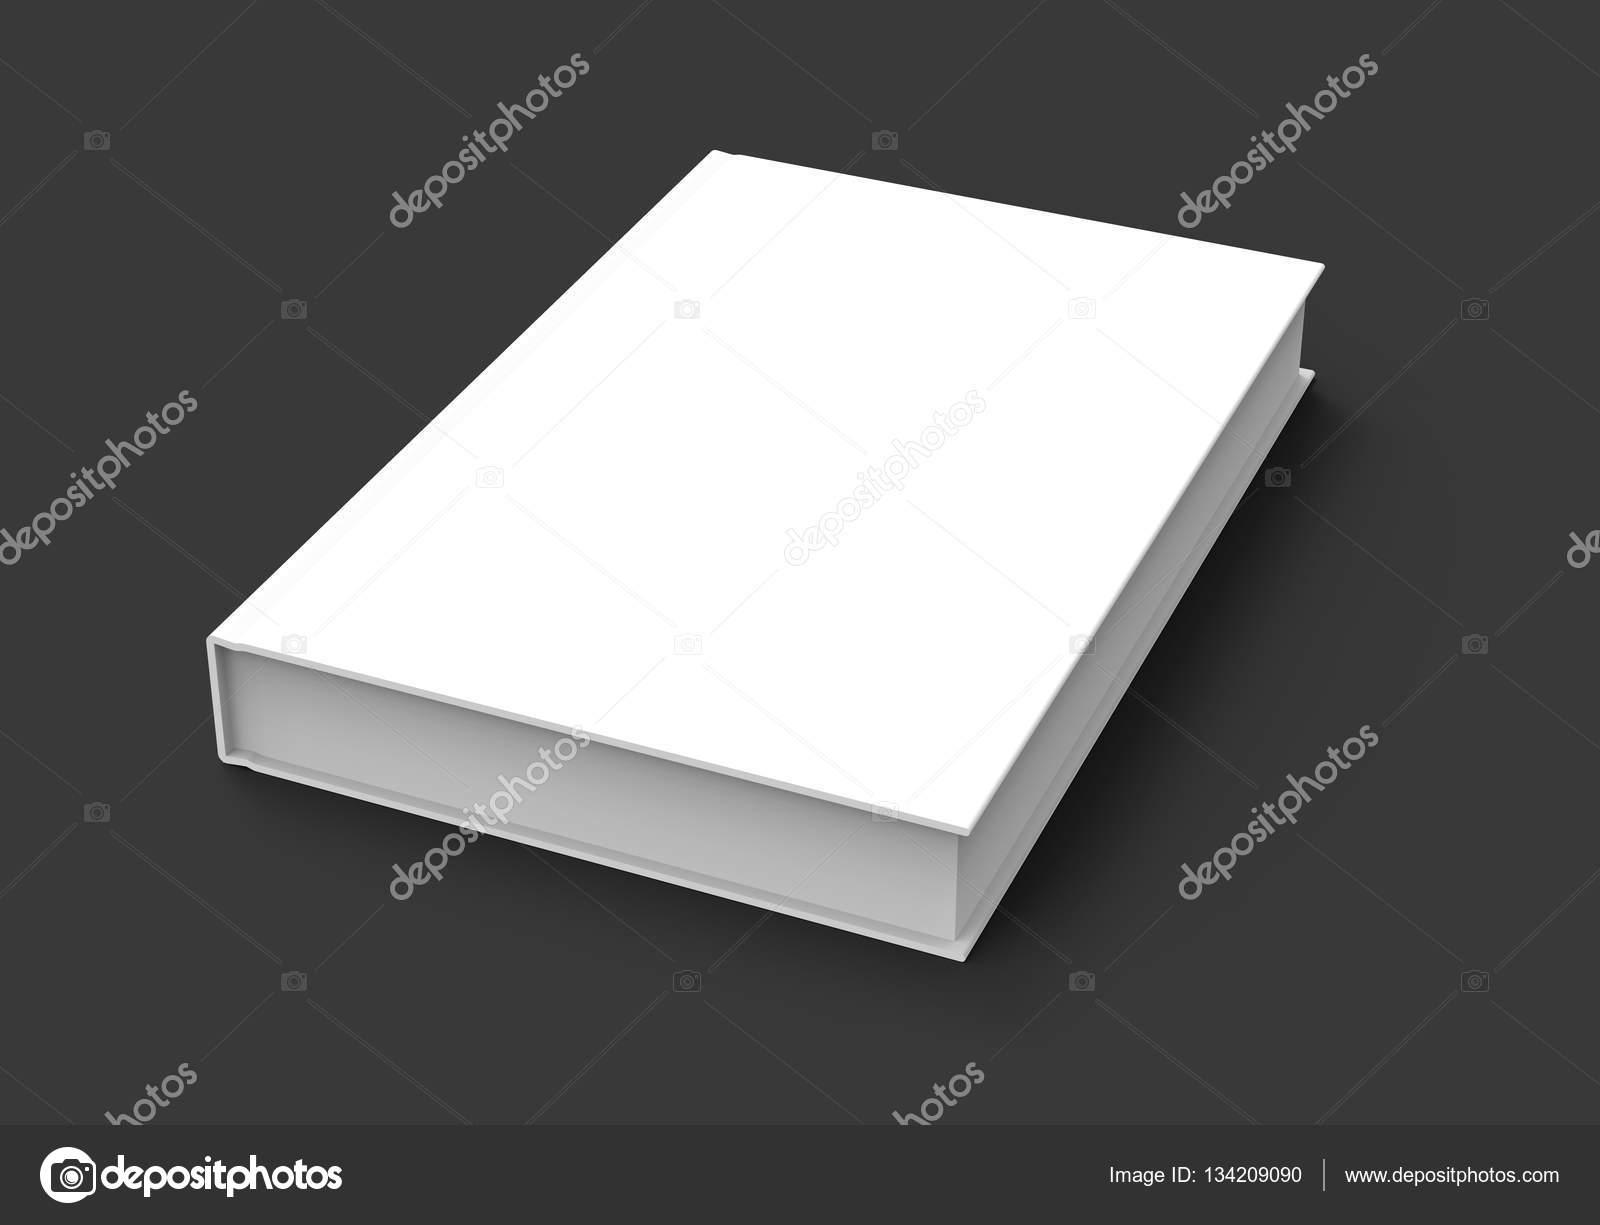 Maquette De Livre Rendu 3d Photographie Kchungtw C 134209090